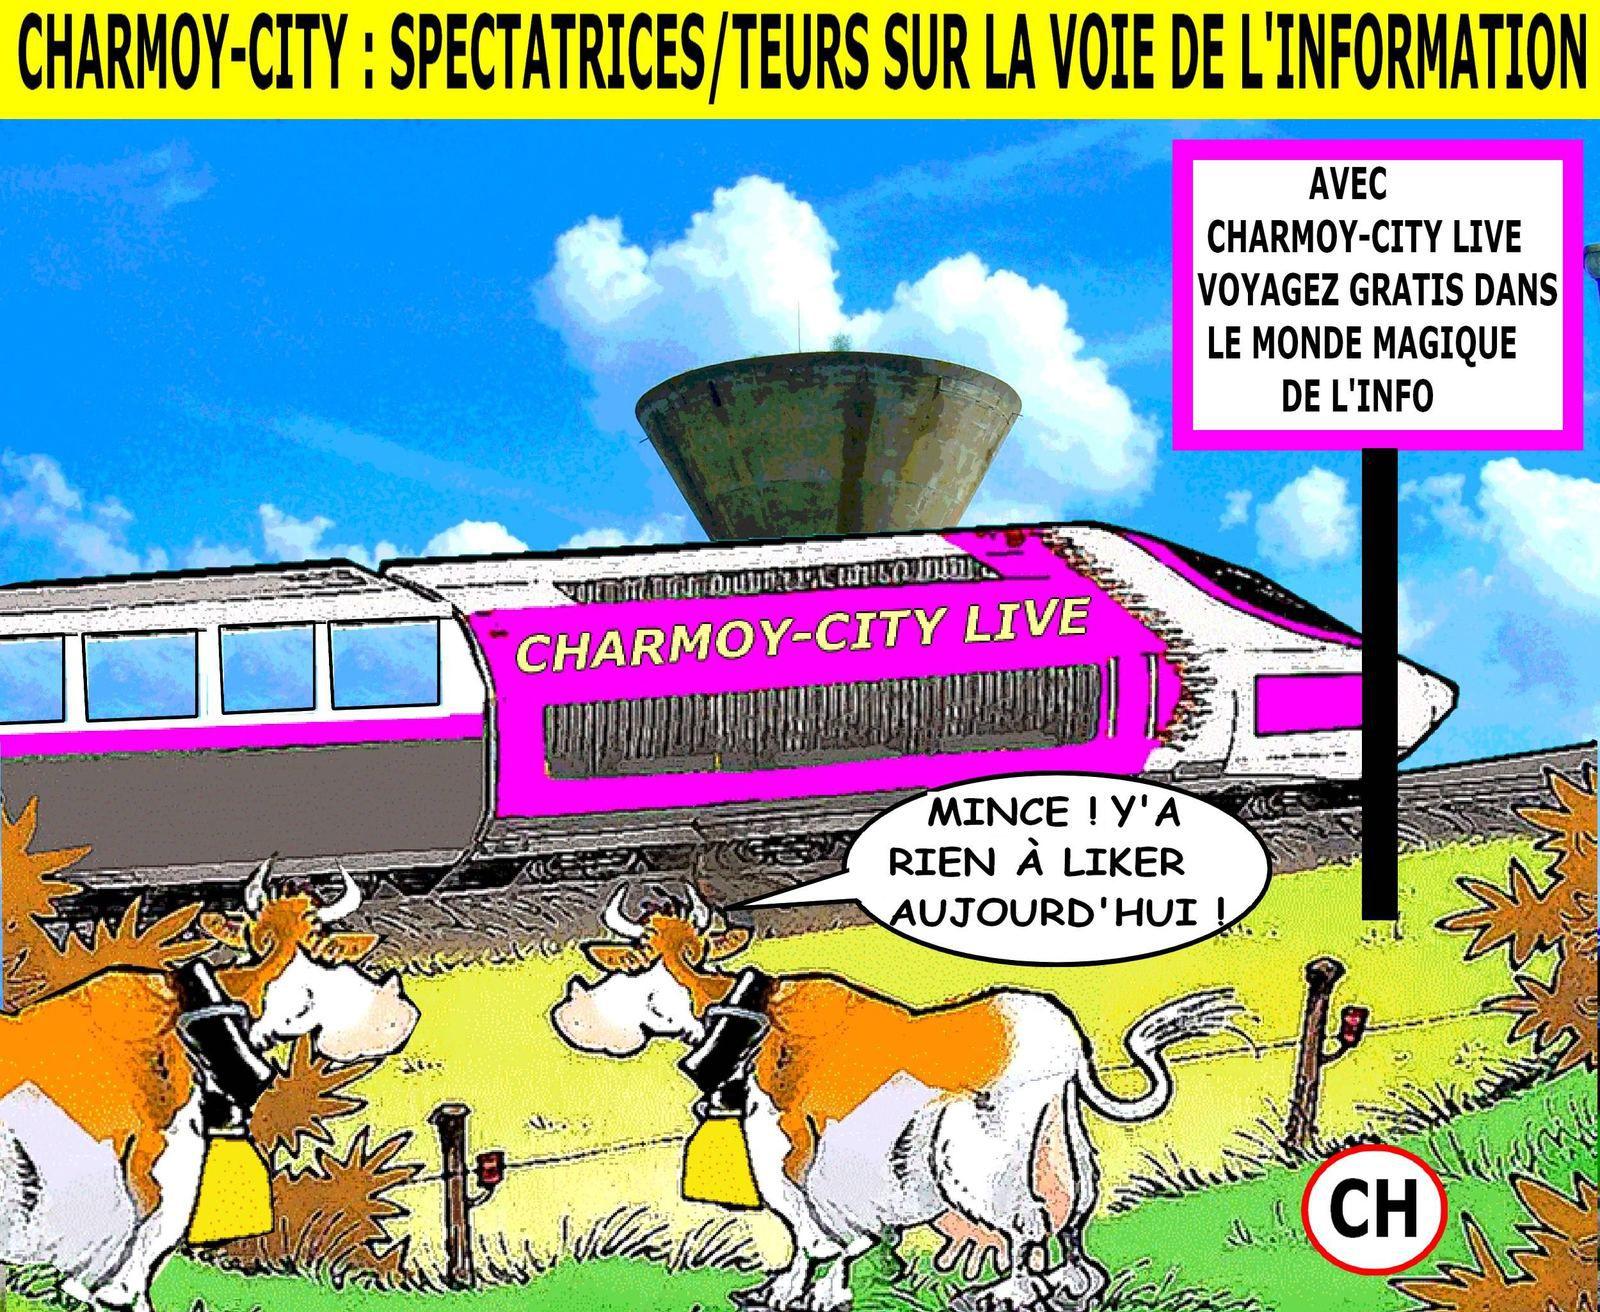 Charmoy-City, spectatrices (teurs), sur la voie de l'information .jpg